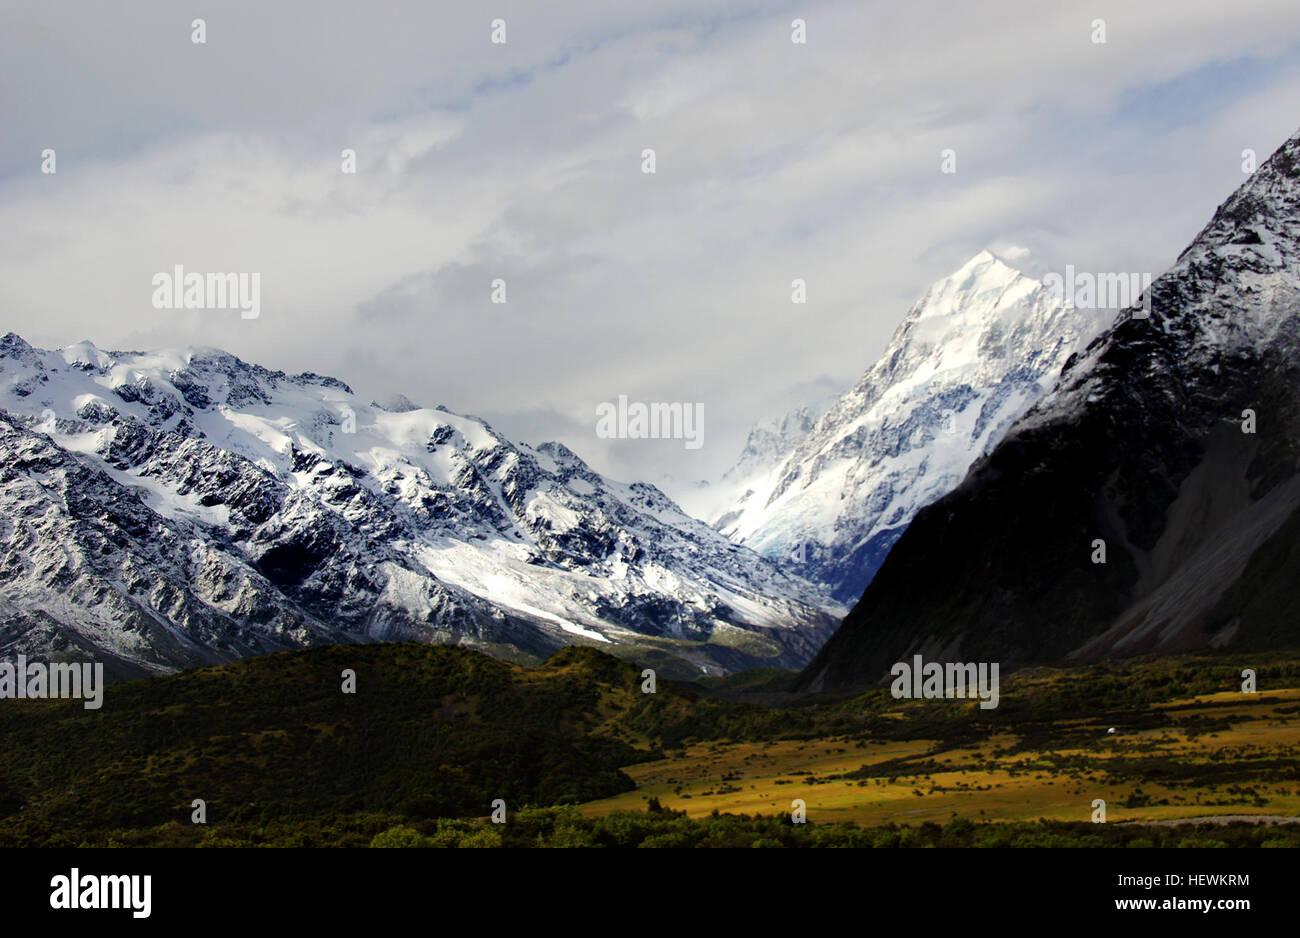 Alpine Park Aoraki Mount Cook 70696 Hectares Is New Zealands Great Alpine